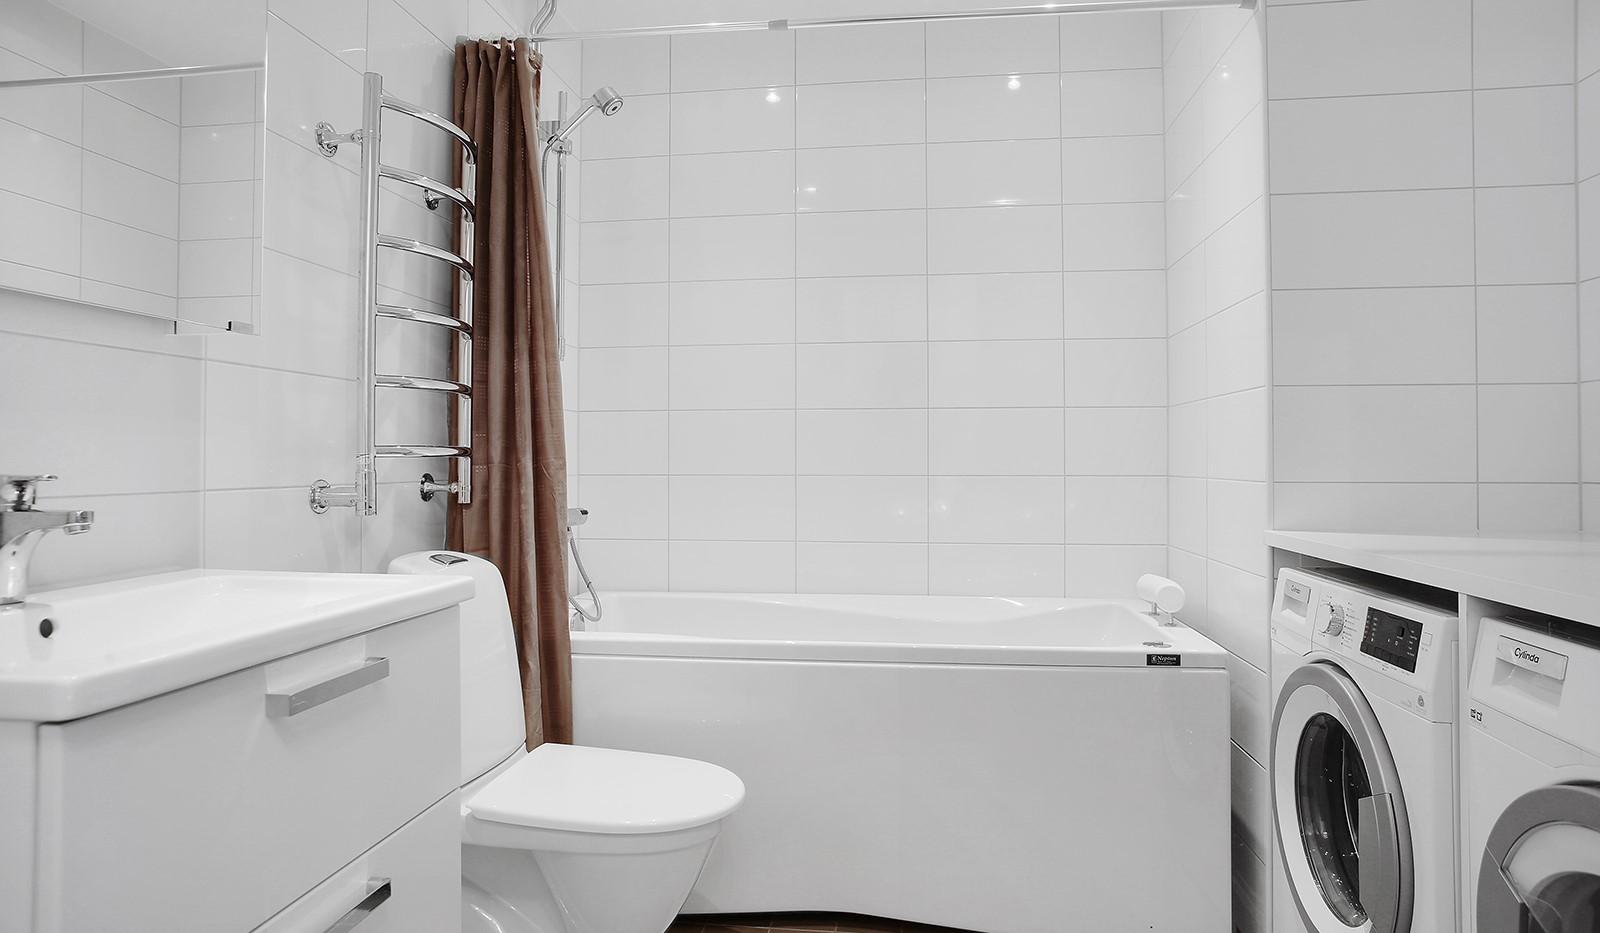 Adventsvägen 3 - Badrum med tvätt